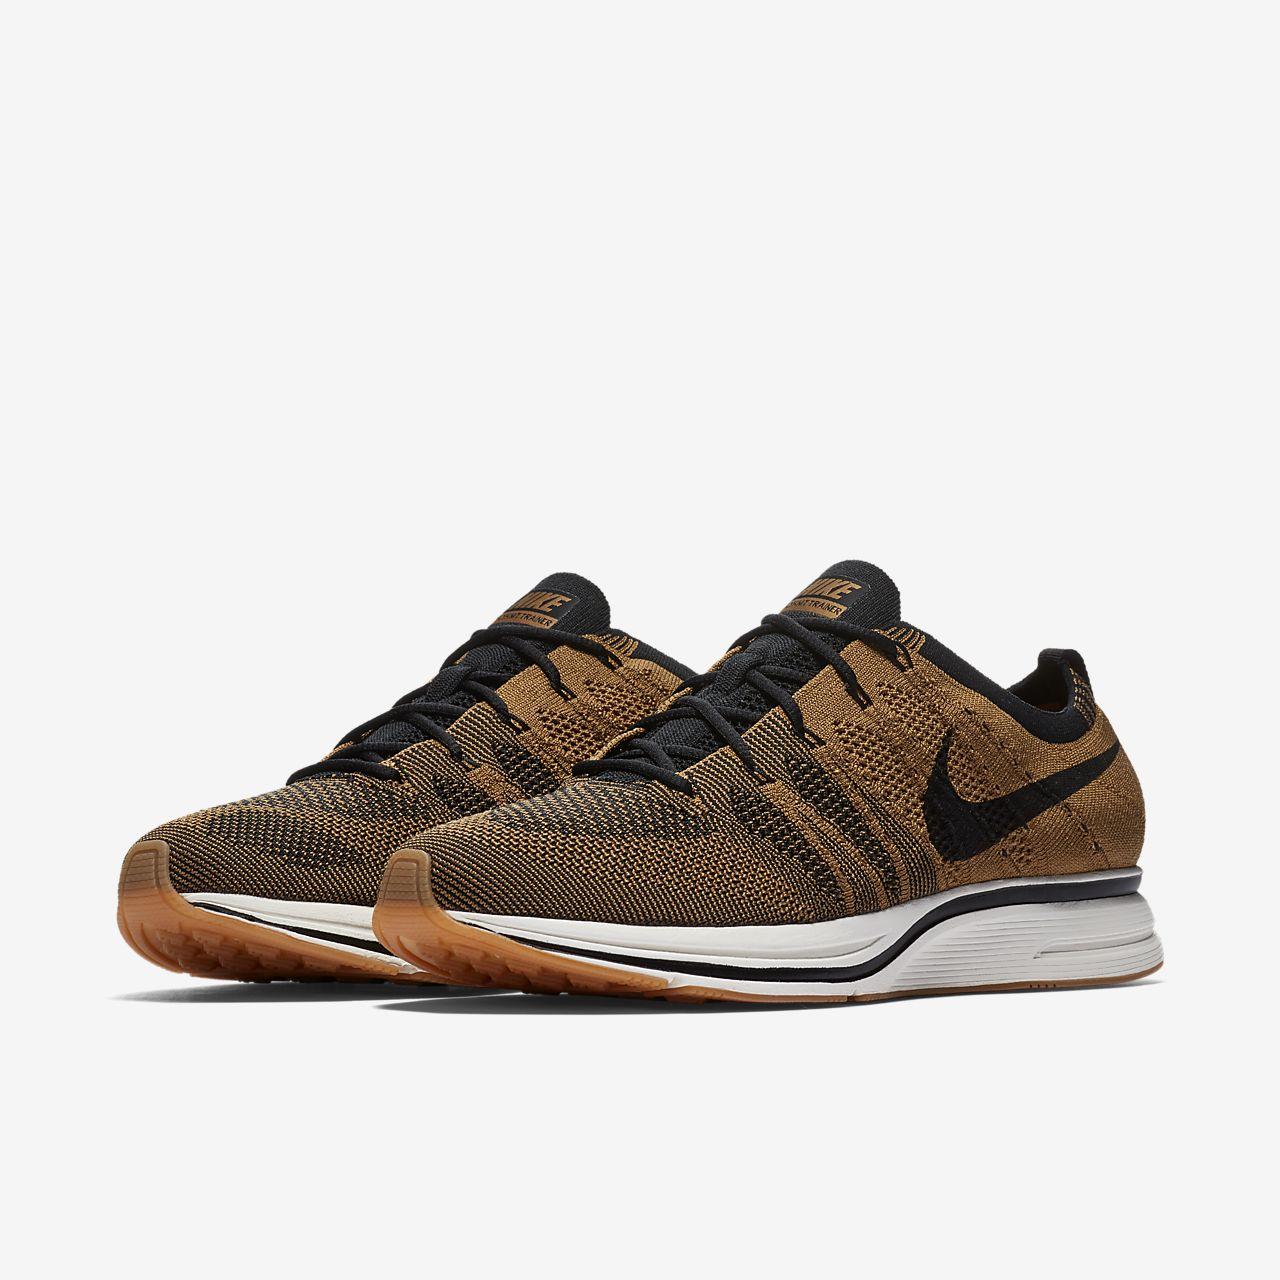 promo code f1d39 8fe1f ... Nike Flyknit Trainer Unisex Shoe